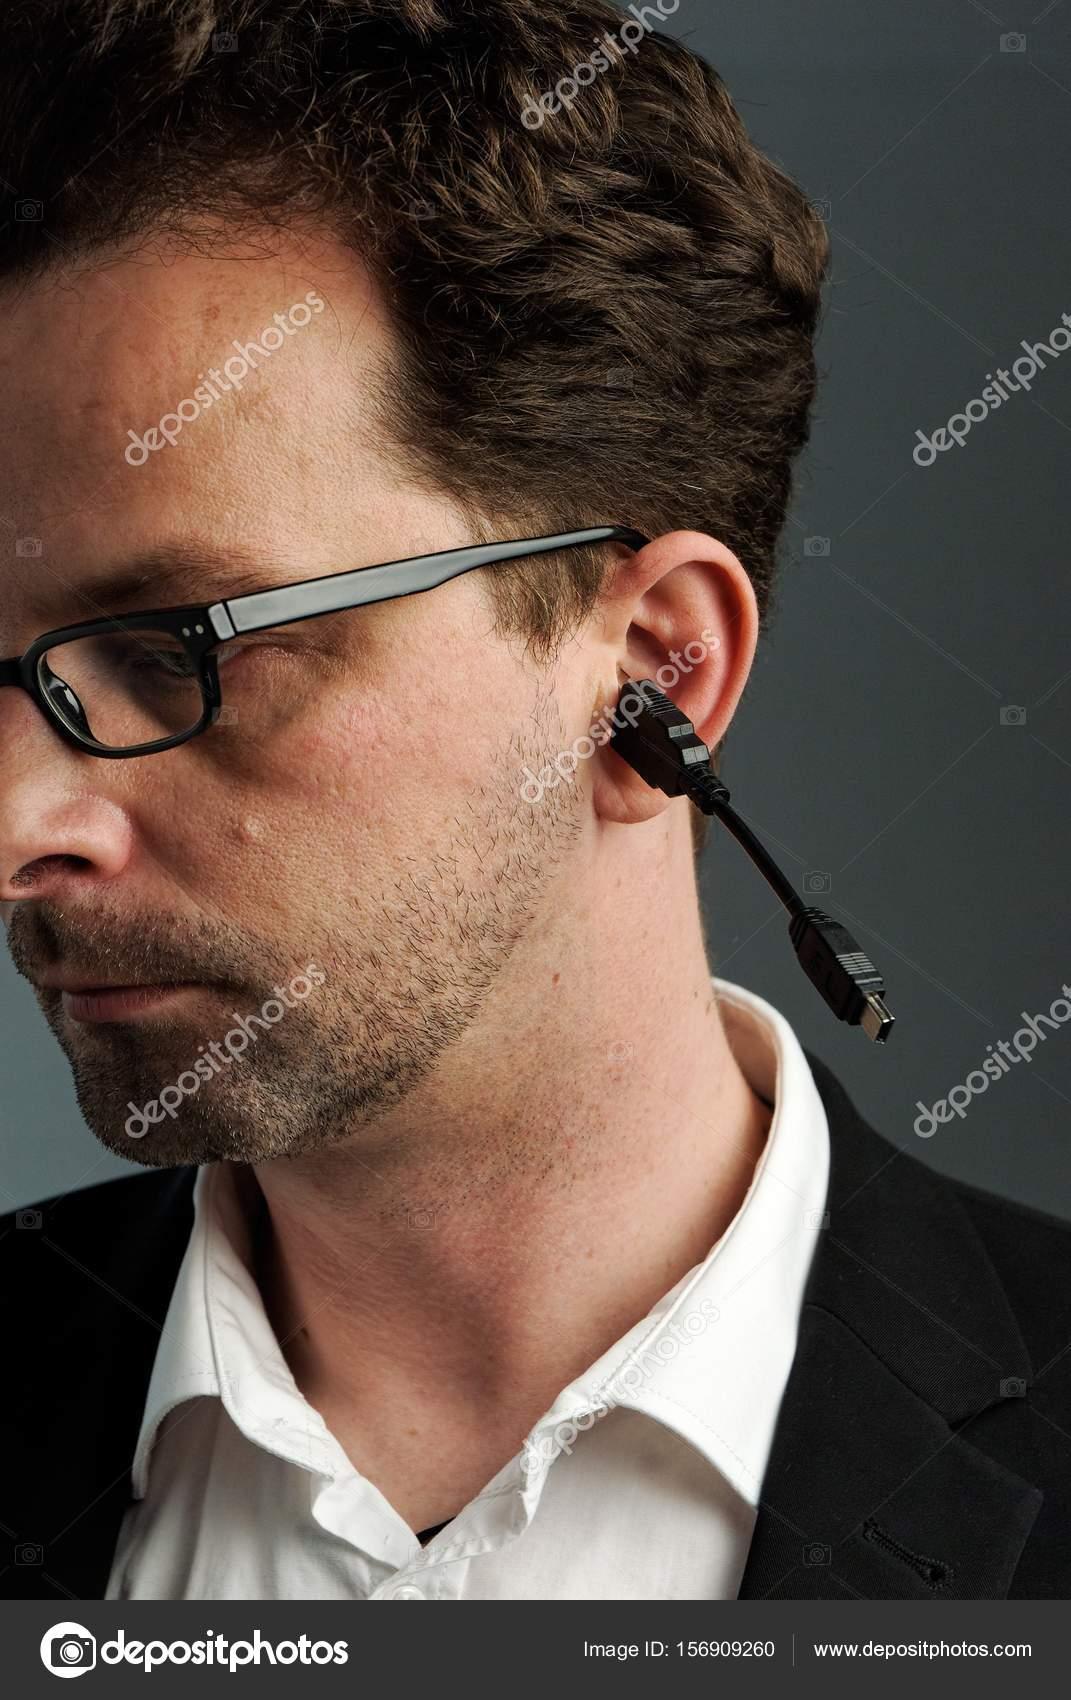 40 jaar oor Een man, ongeveer 40 jaar, met een netwerkaansluiting in zijn oor  40 jaar oor